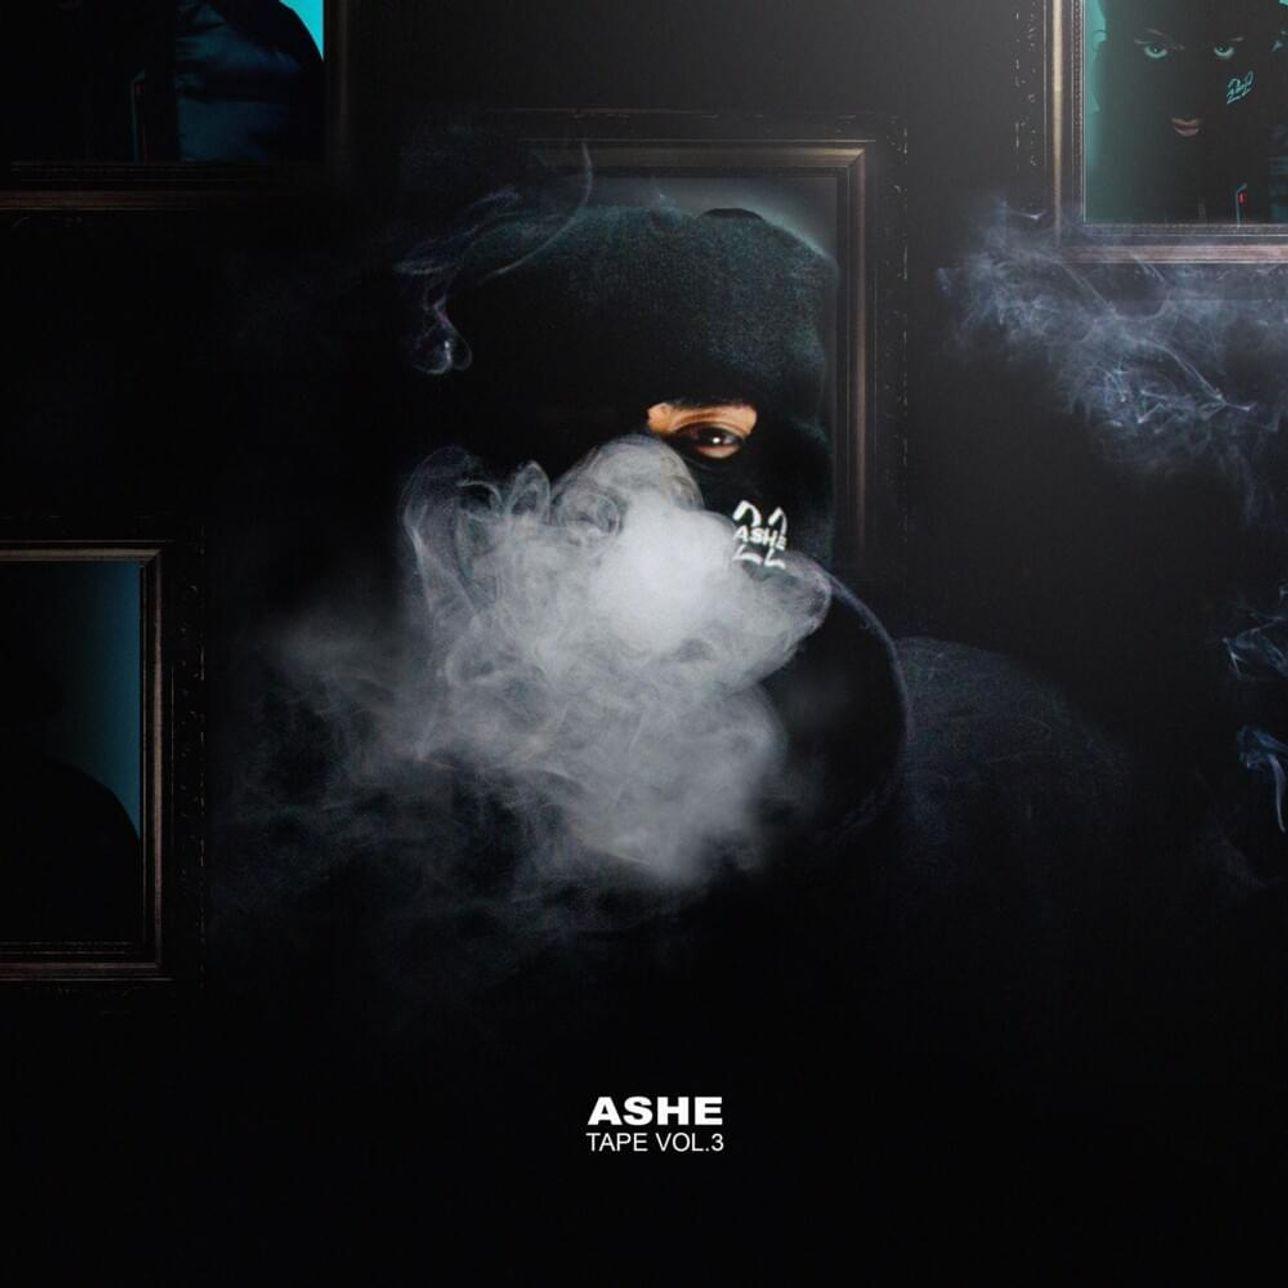 Deux ans après la sortie de la Ashe Tape Vol. 2,ASHE 22 nous présente le volume 3, avec une belle tracklist et deux invités de taille.